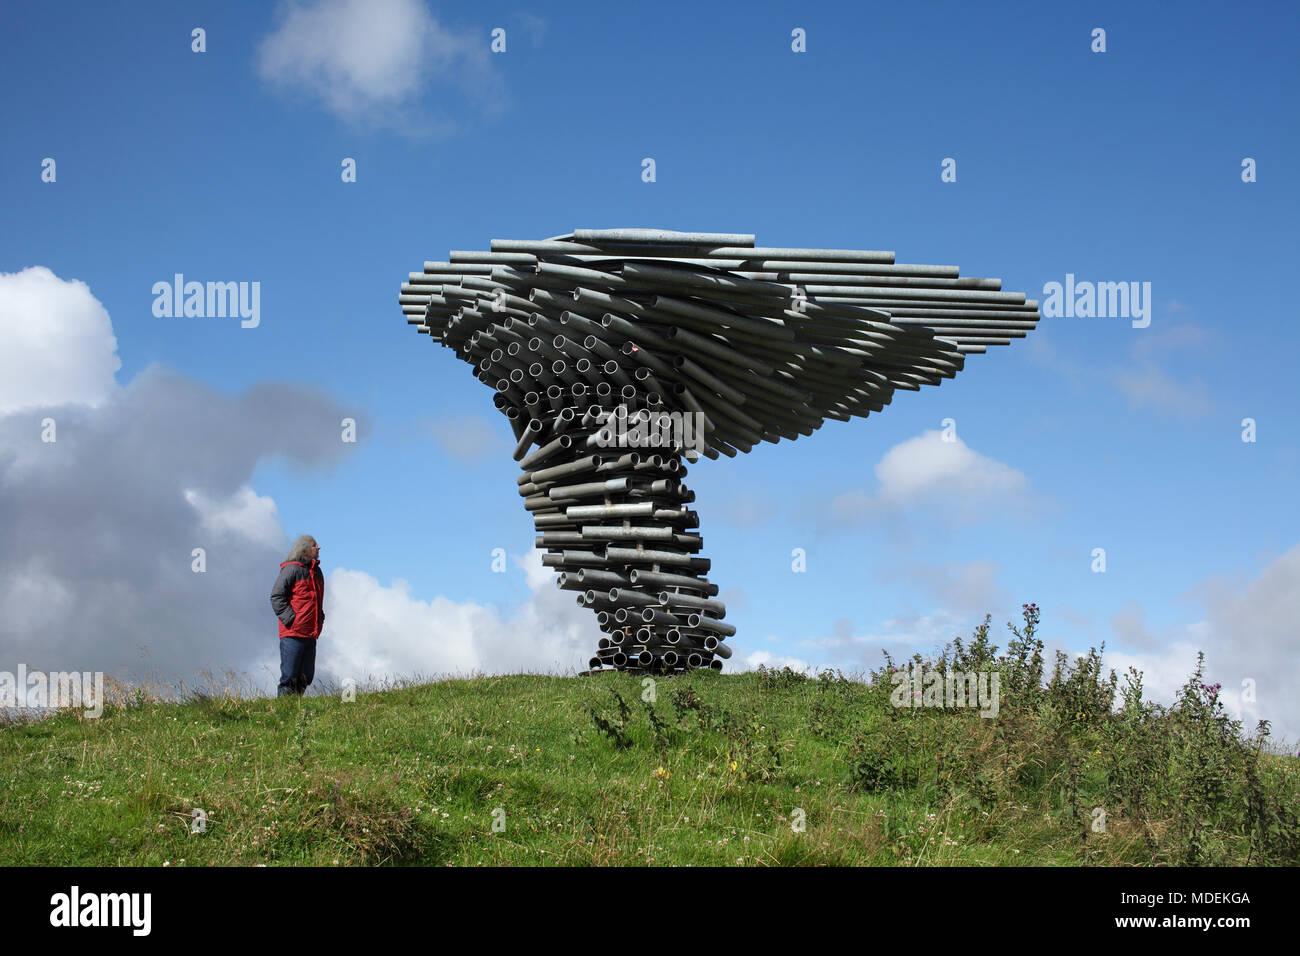 El canto árbol sonando en Crown Point, parte de los Alpes Pennines cerca Burnley, Lancashire. Imagen De Stock